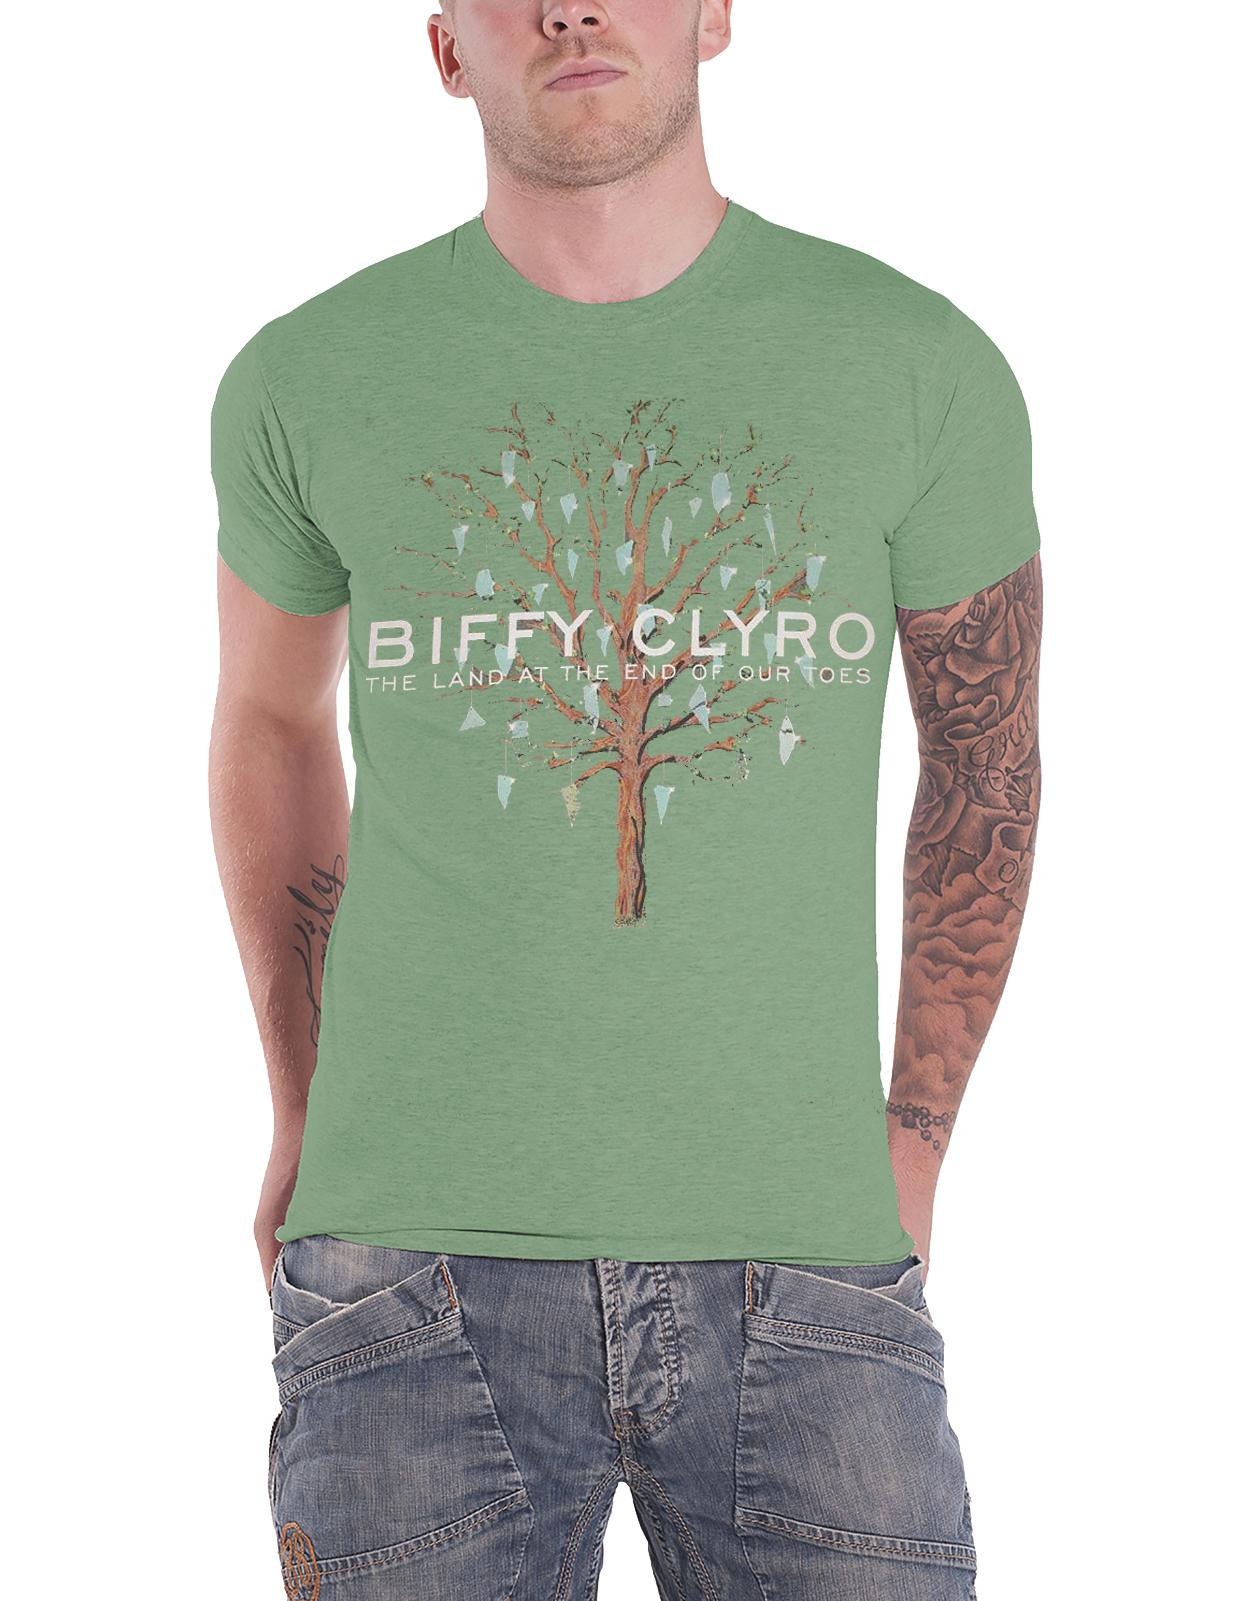 Biffy Clyro T Shirt Ellipsis Band Logo Tour Opposites